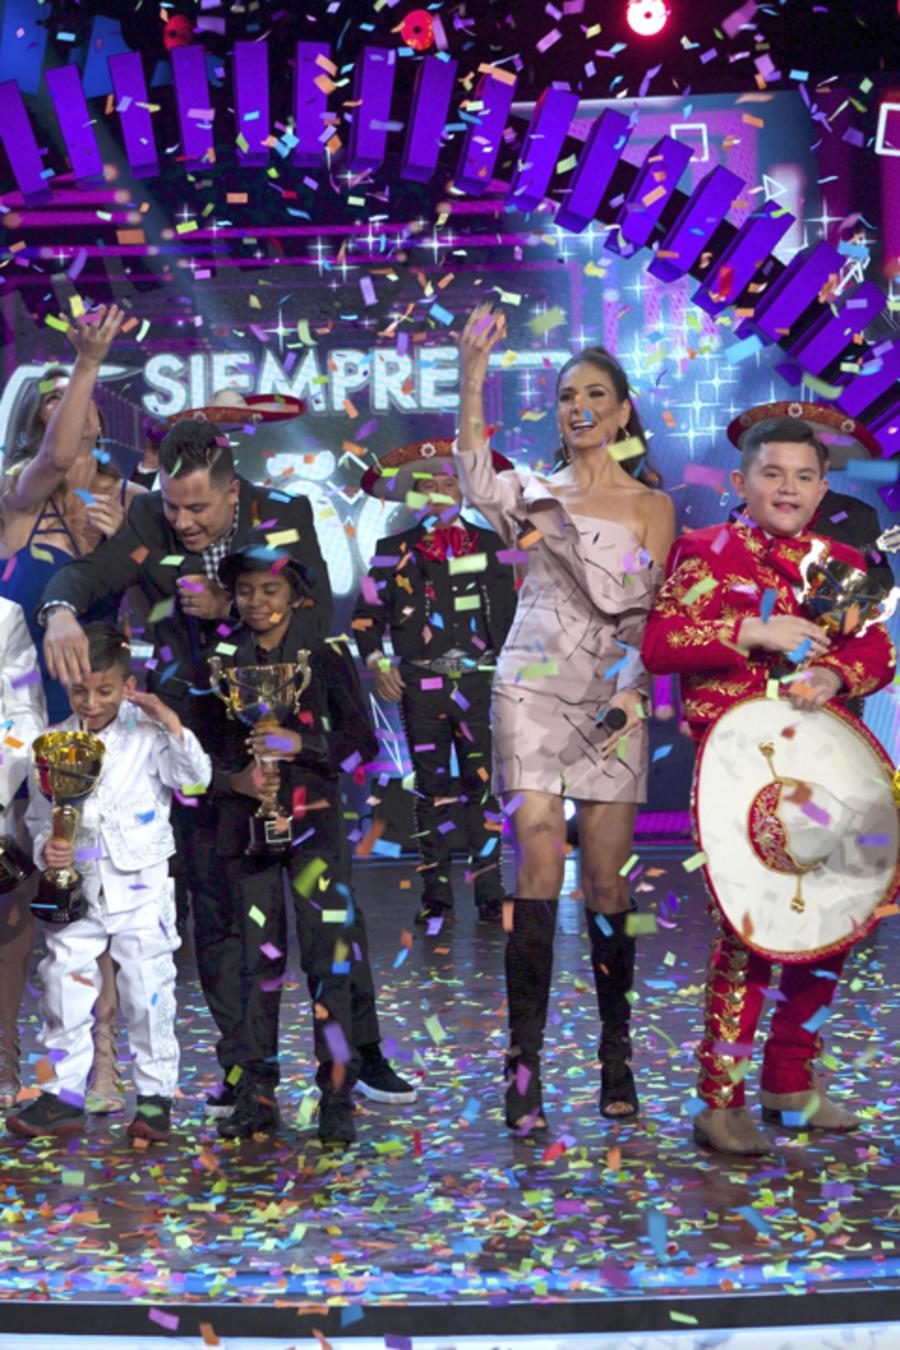 Patricia Manterola y Karim Mendiburu con los seis favoritos Niños del Mundo de la temporada